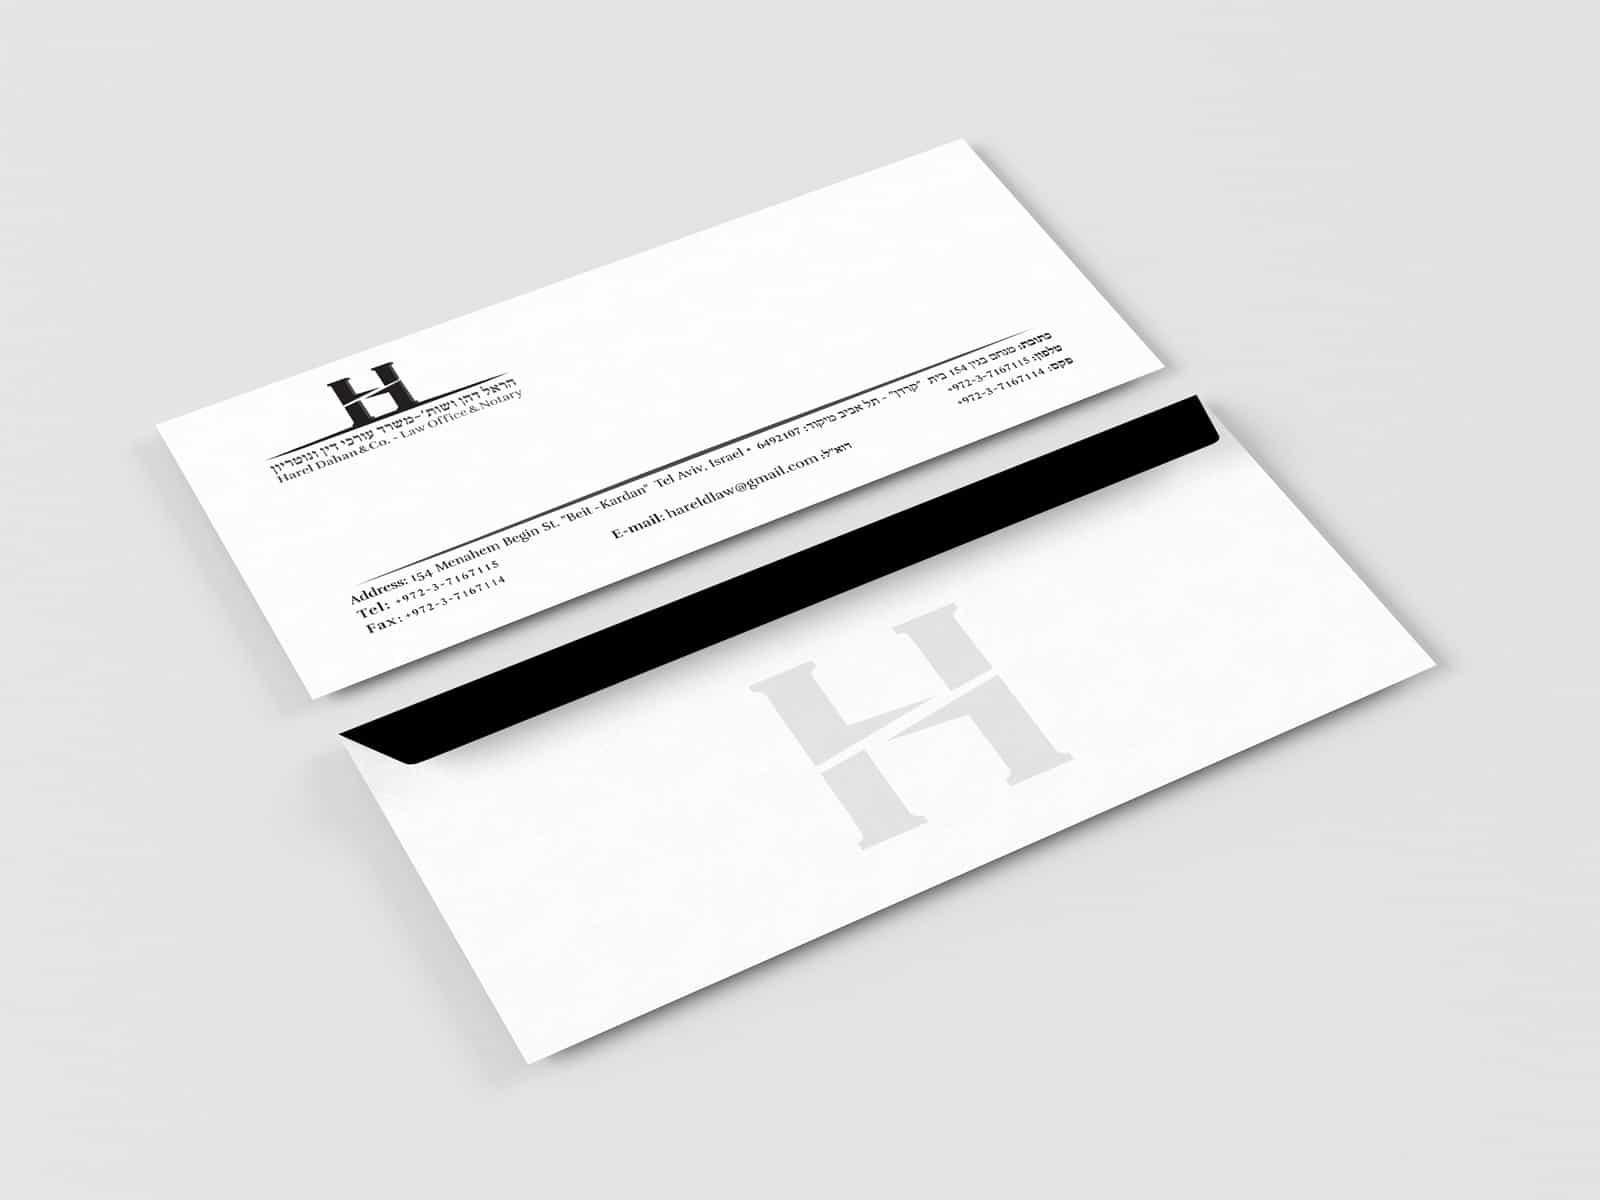 עיצוב ניירת לעורך דין